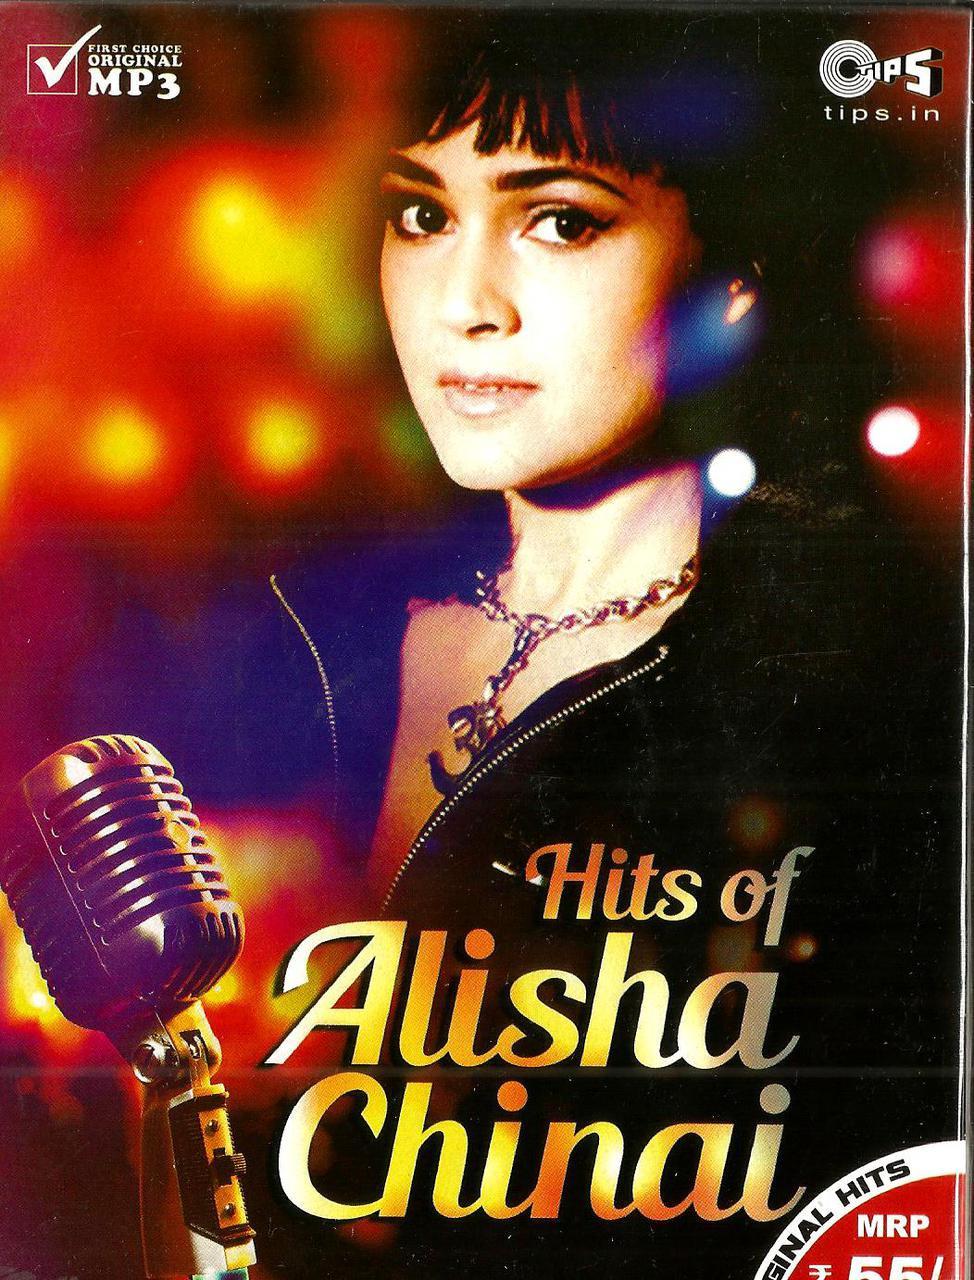 [Flac] Alisha Chinai Collection-DTone | g- Drive Zip Download